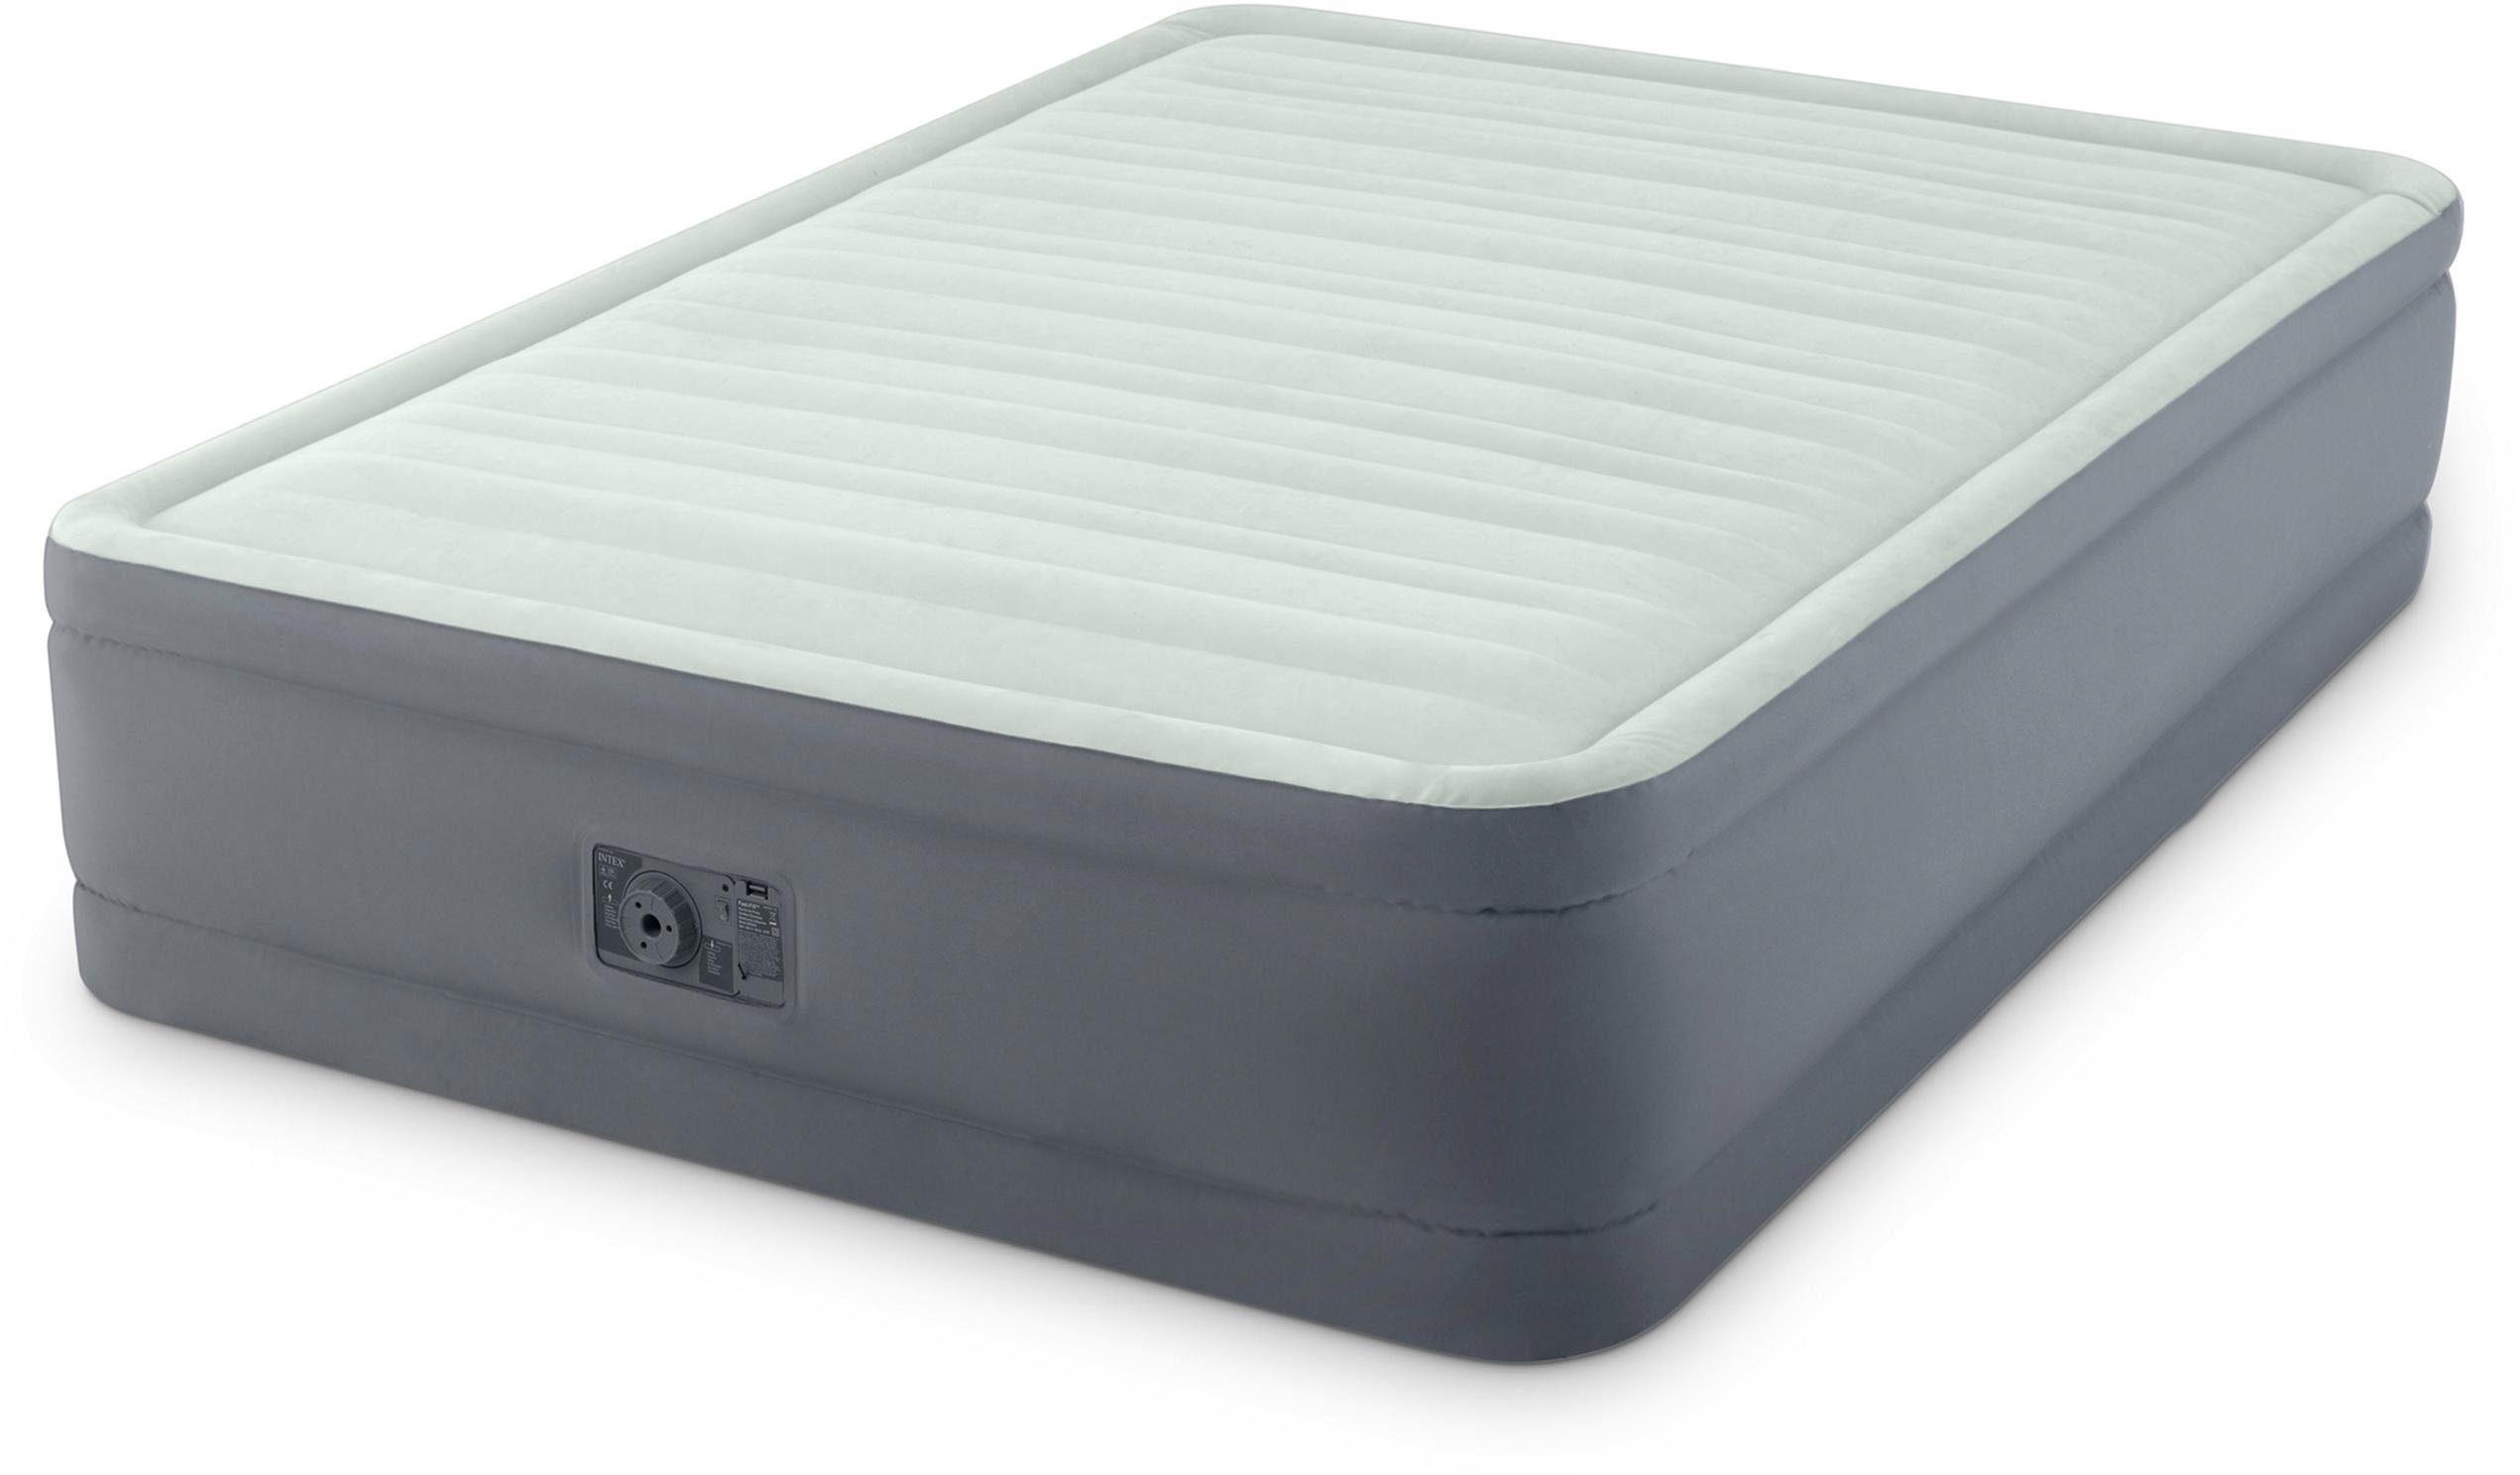 Intex Luftbett mit integrierter Elektropumpe, »PremAire Airbed«